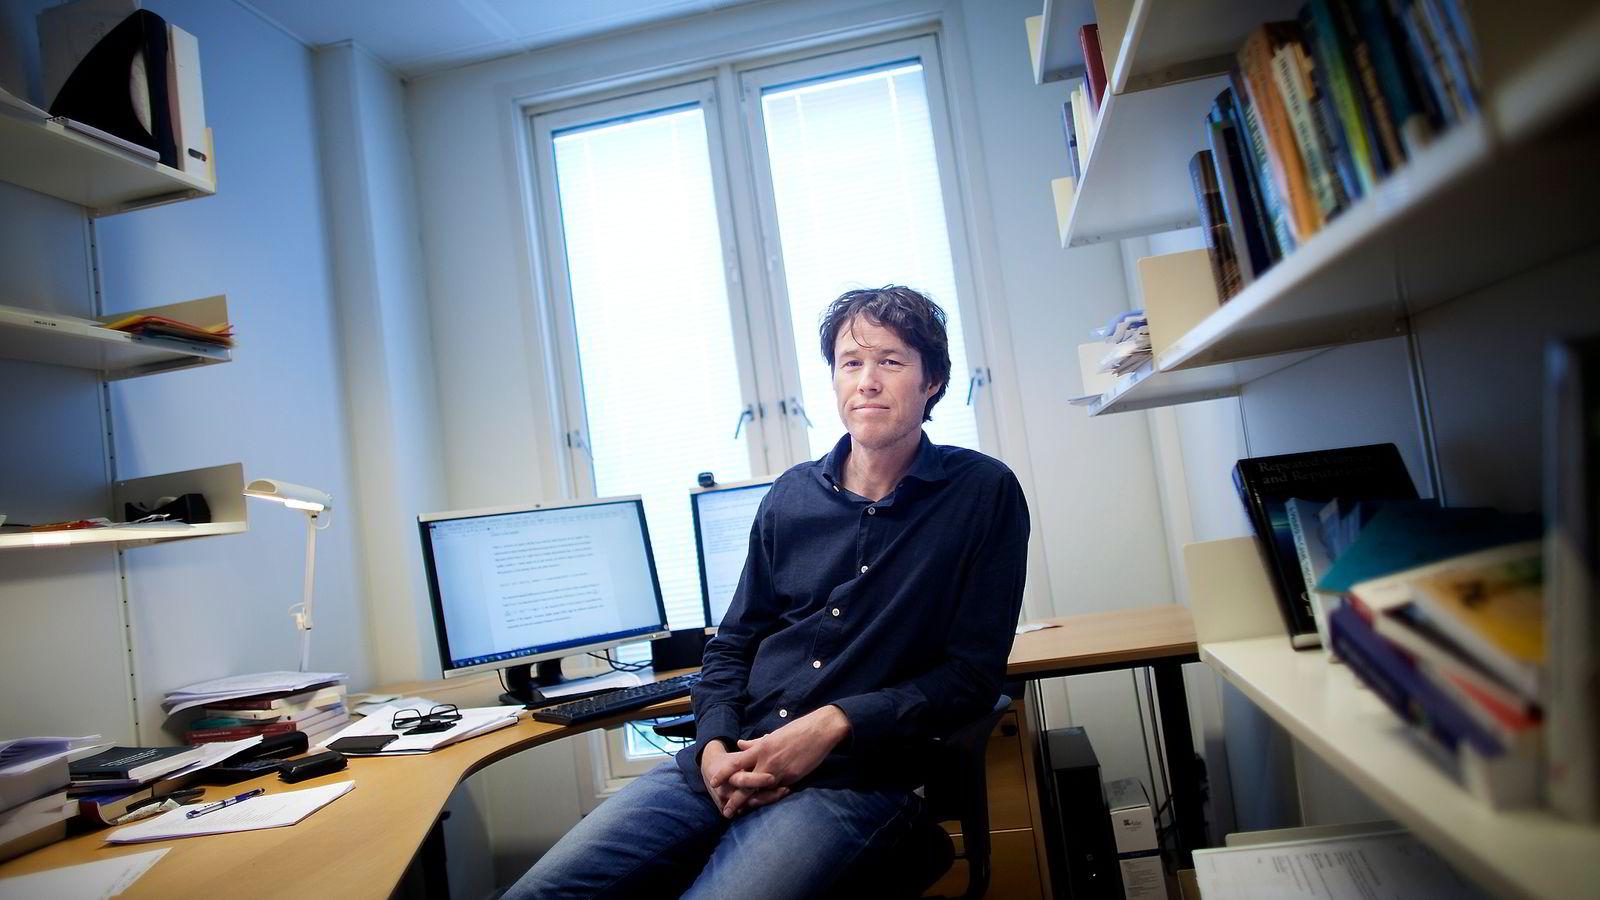 Ola Kvaløy, professor i økonomi, Handelshøgskolen ved Universitetet i Stavanger og NHH.